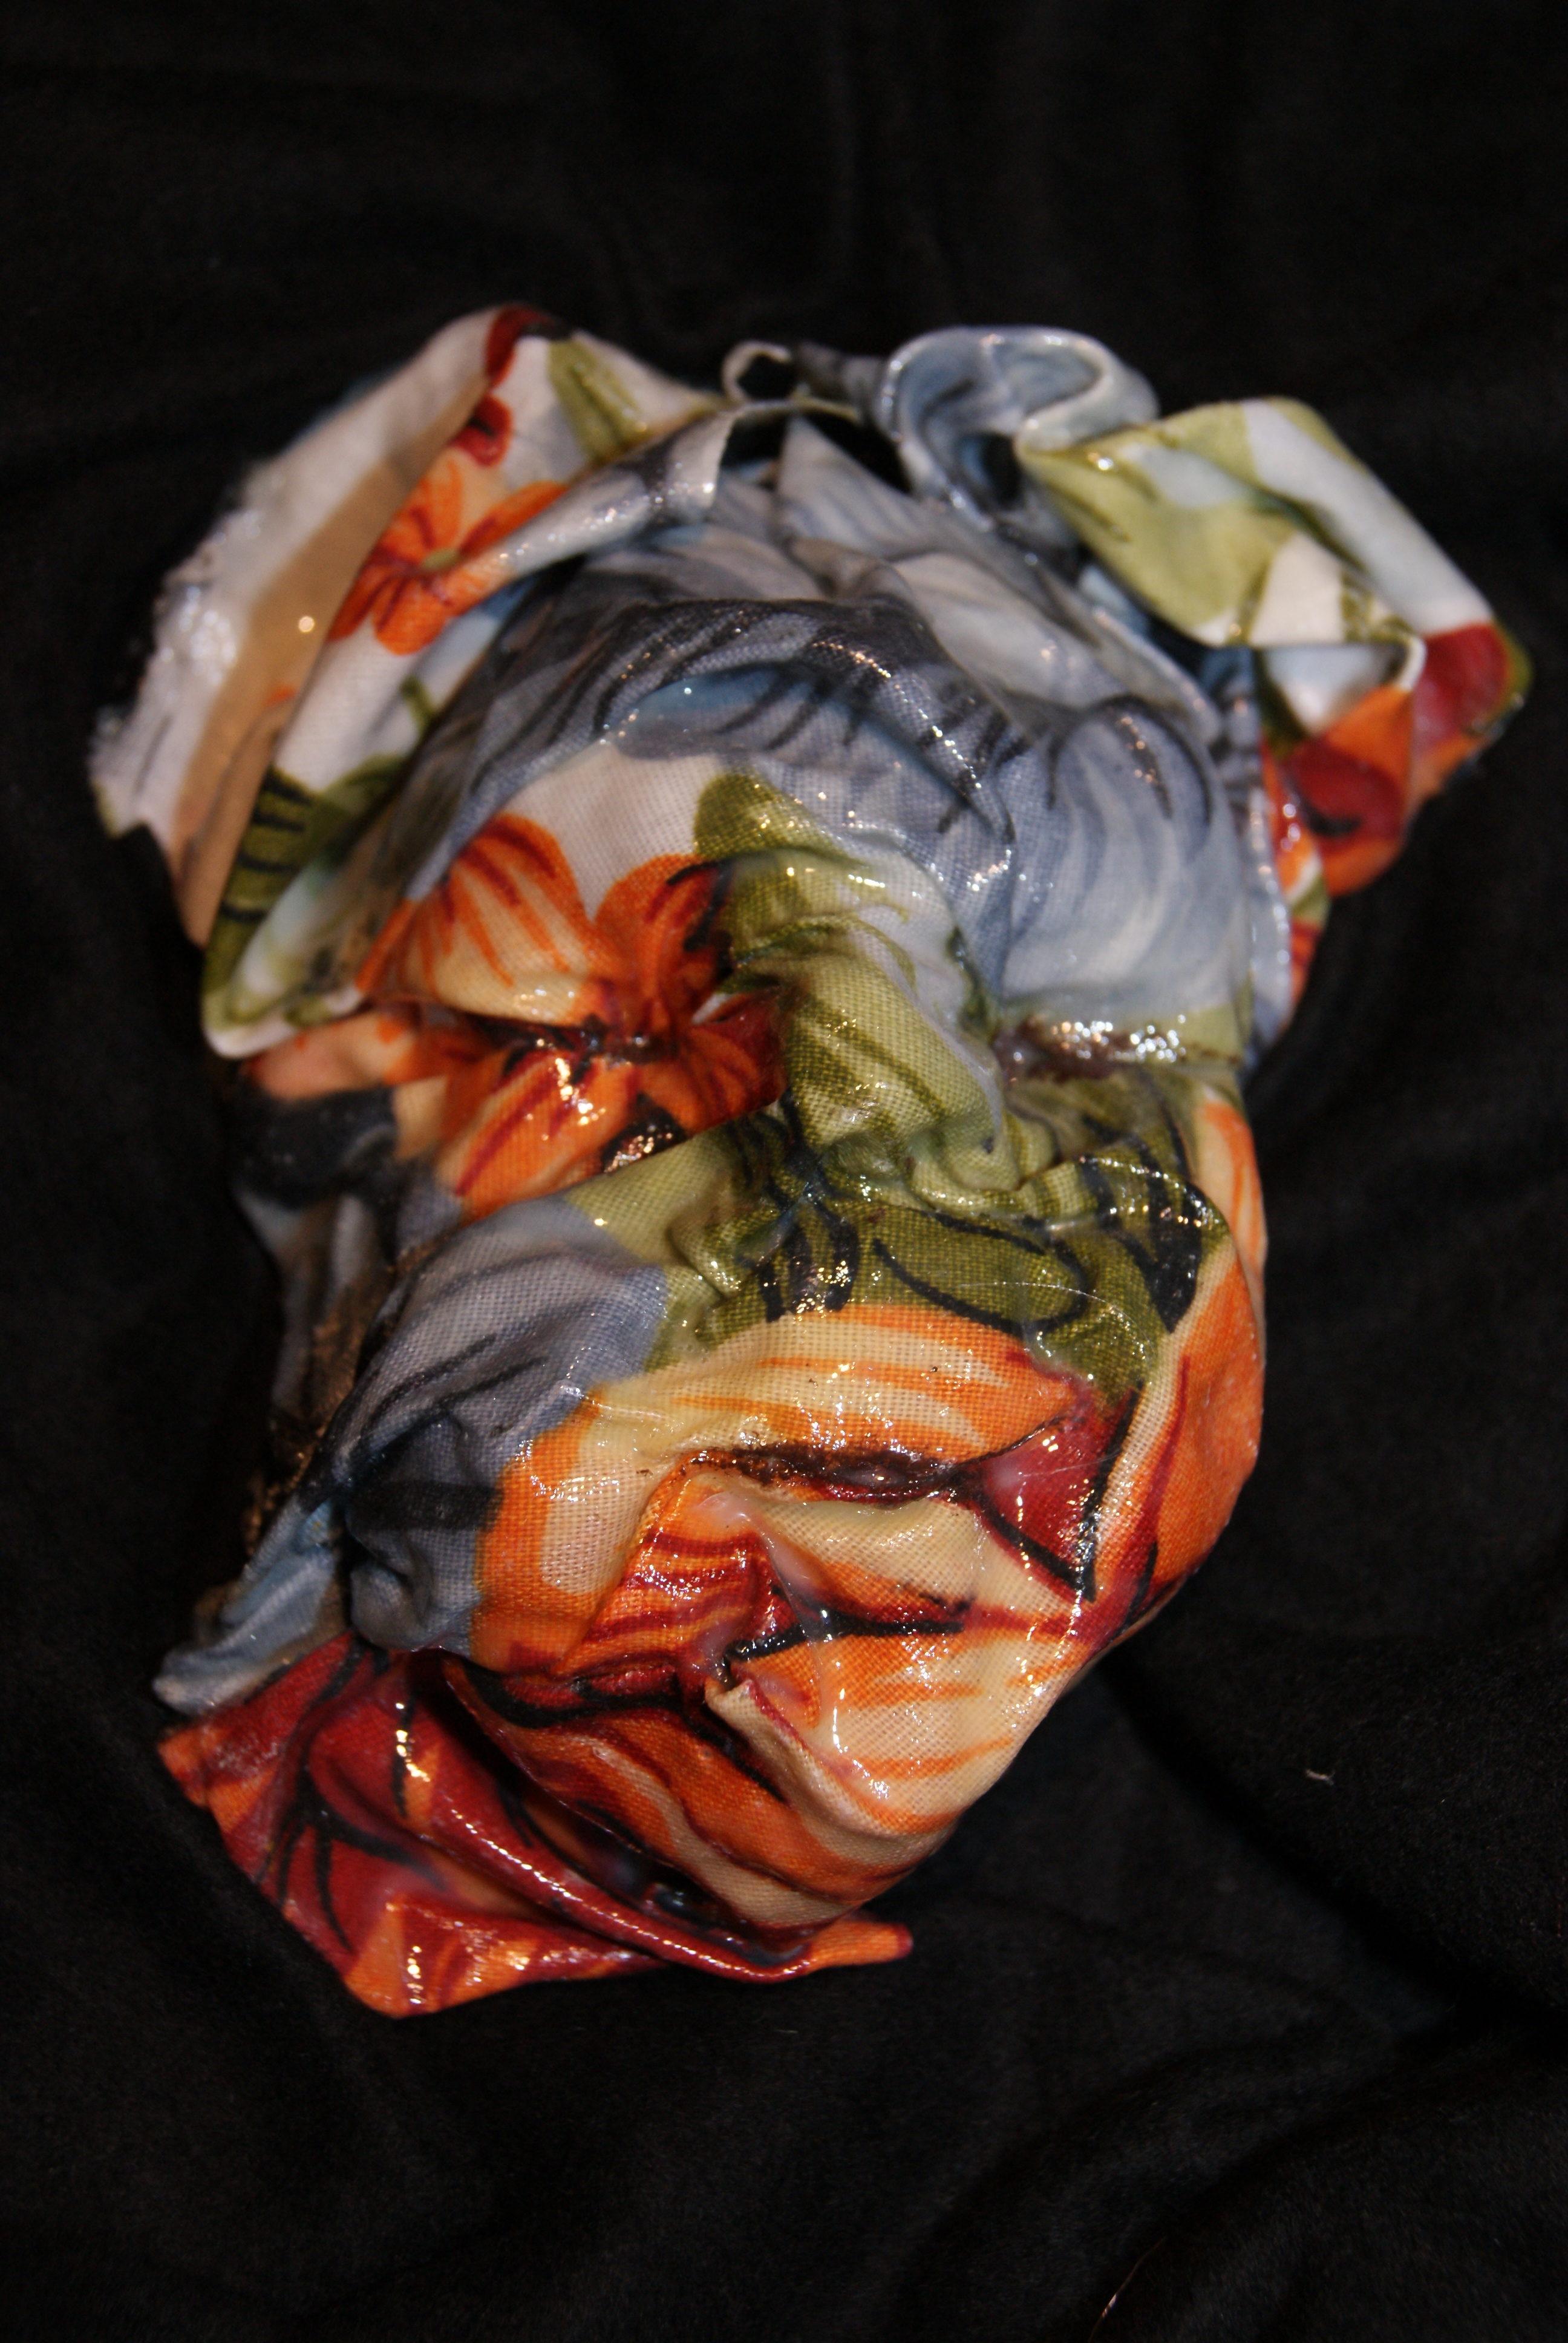 unieke, kunstzinnige maskers op afspraak te bezichtigen